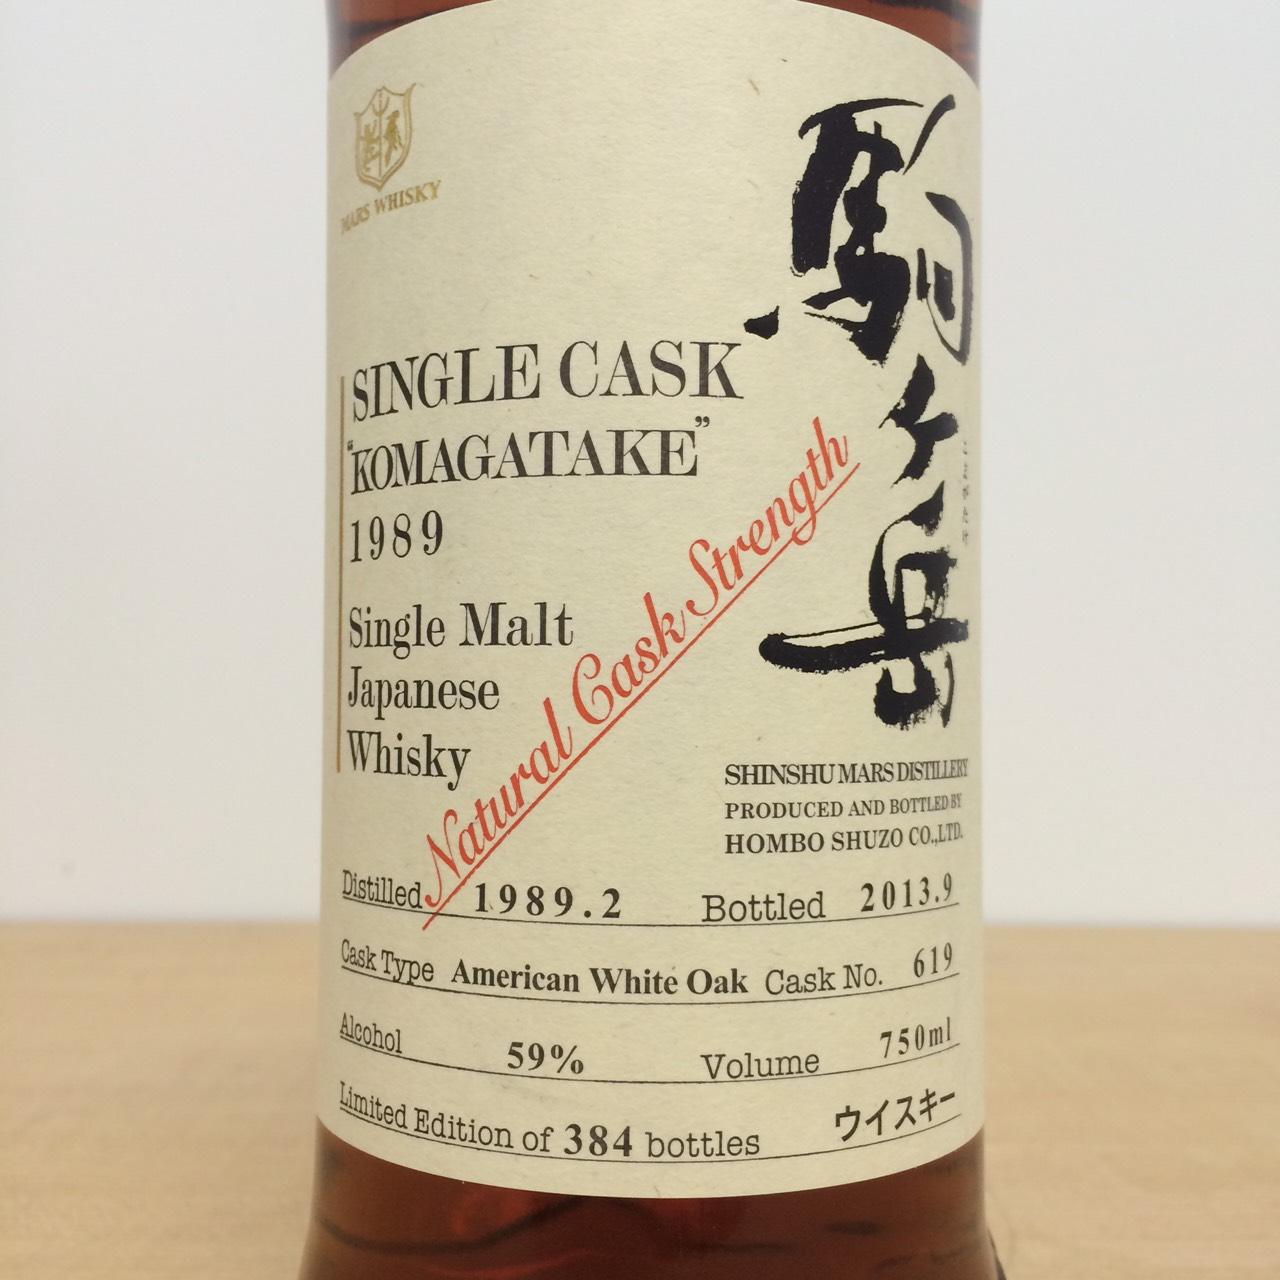 駒ケ岳 1989年 シングルカスク